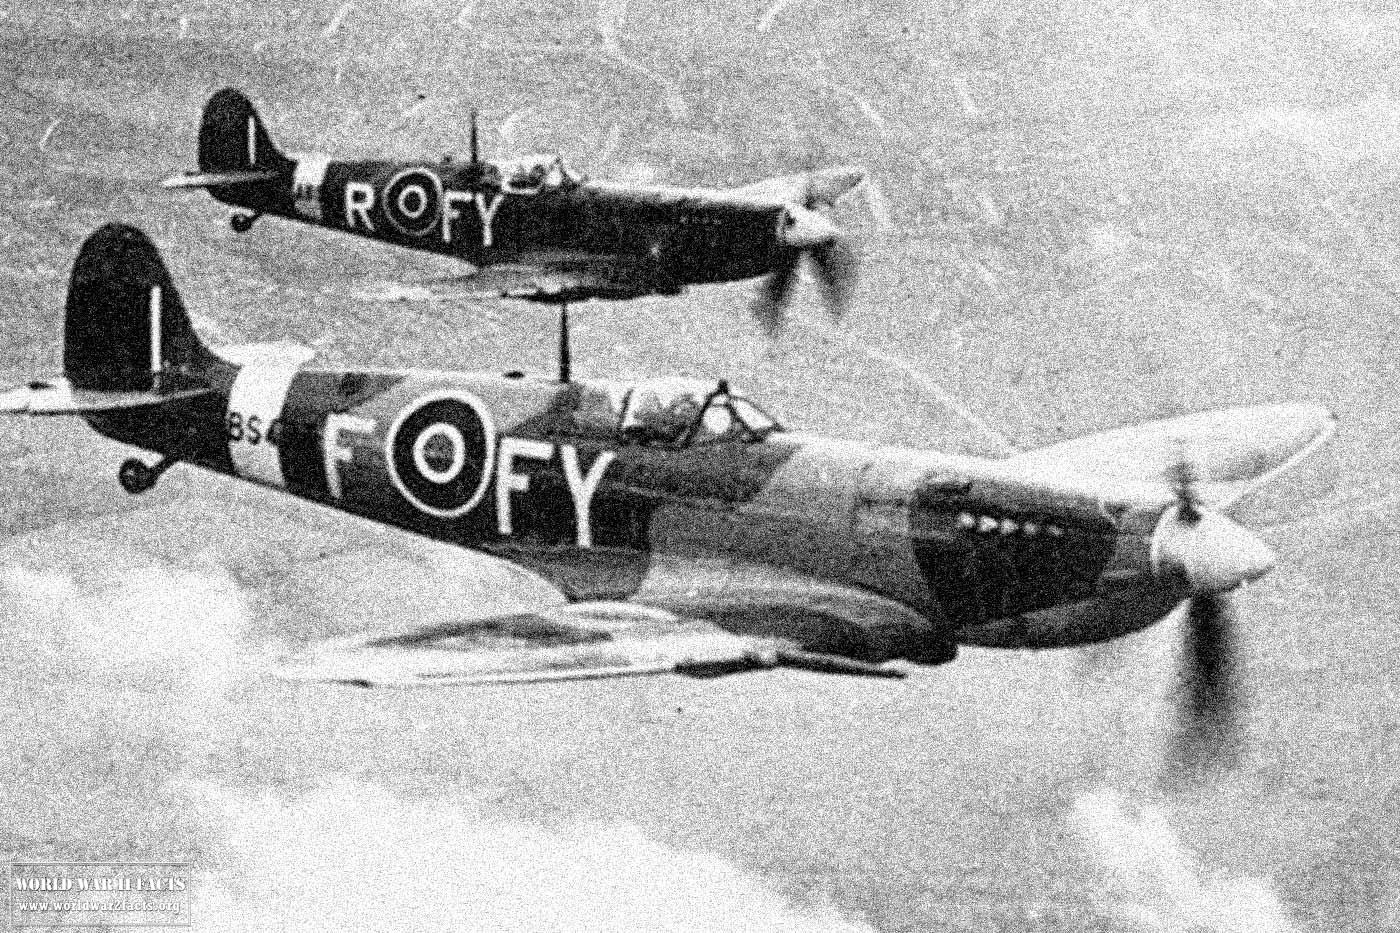 British Spitfire Mk IX fighters (1943)